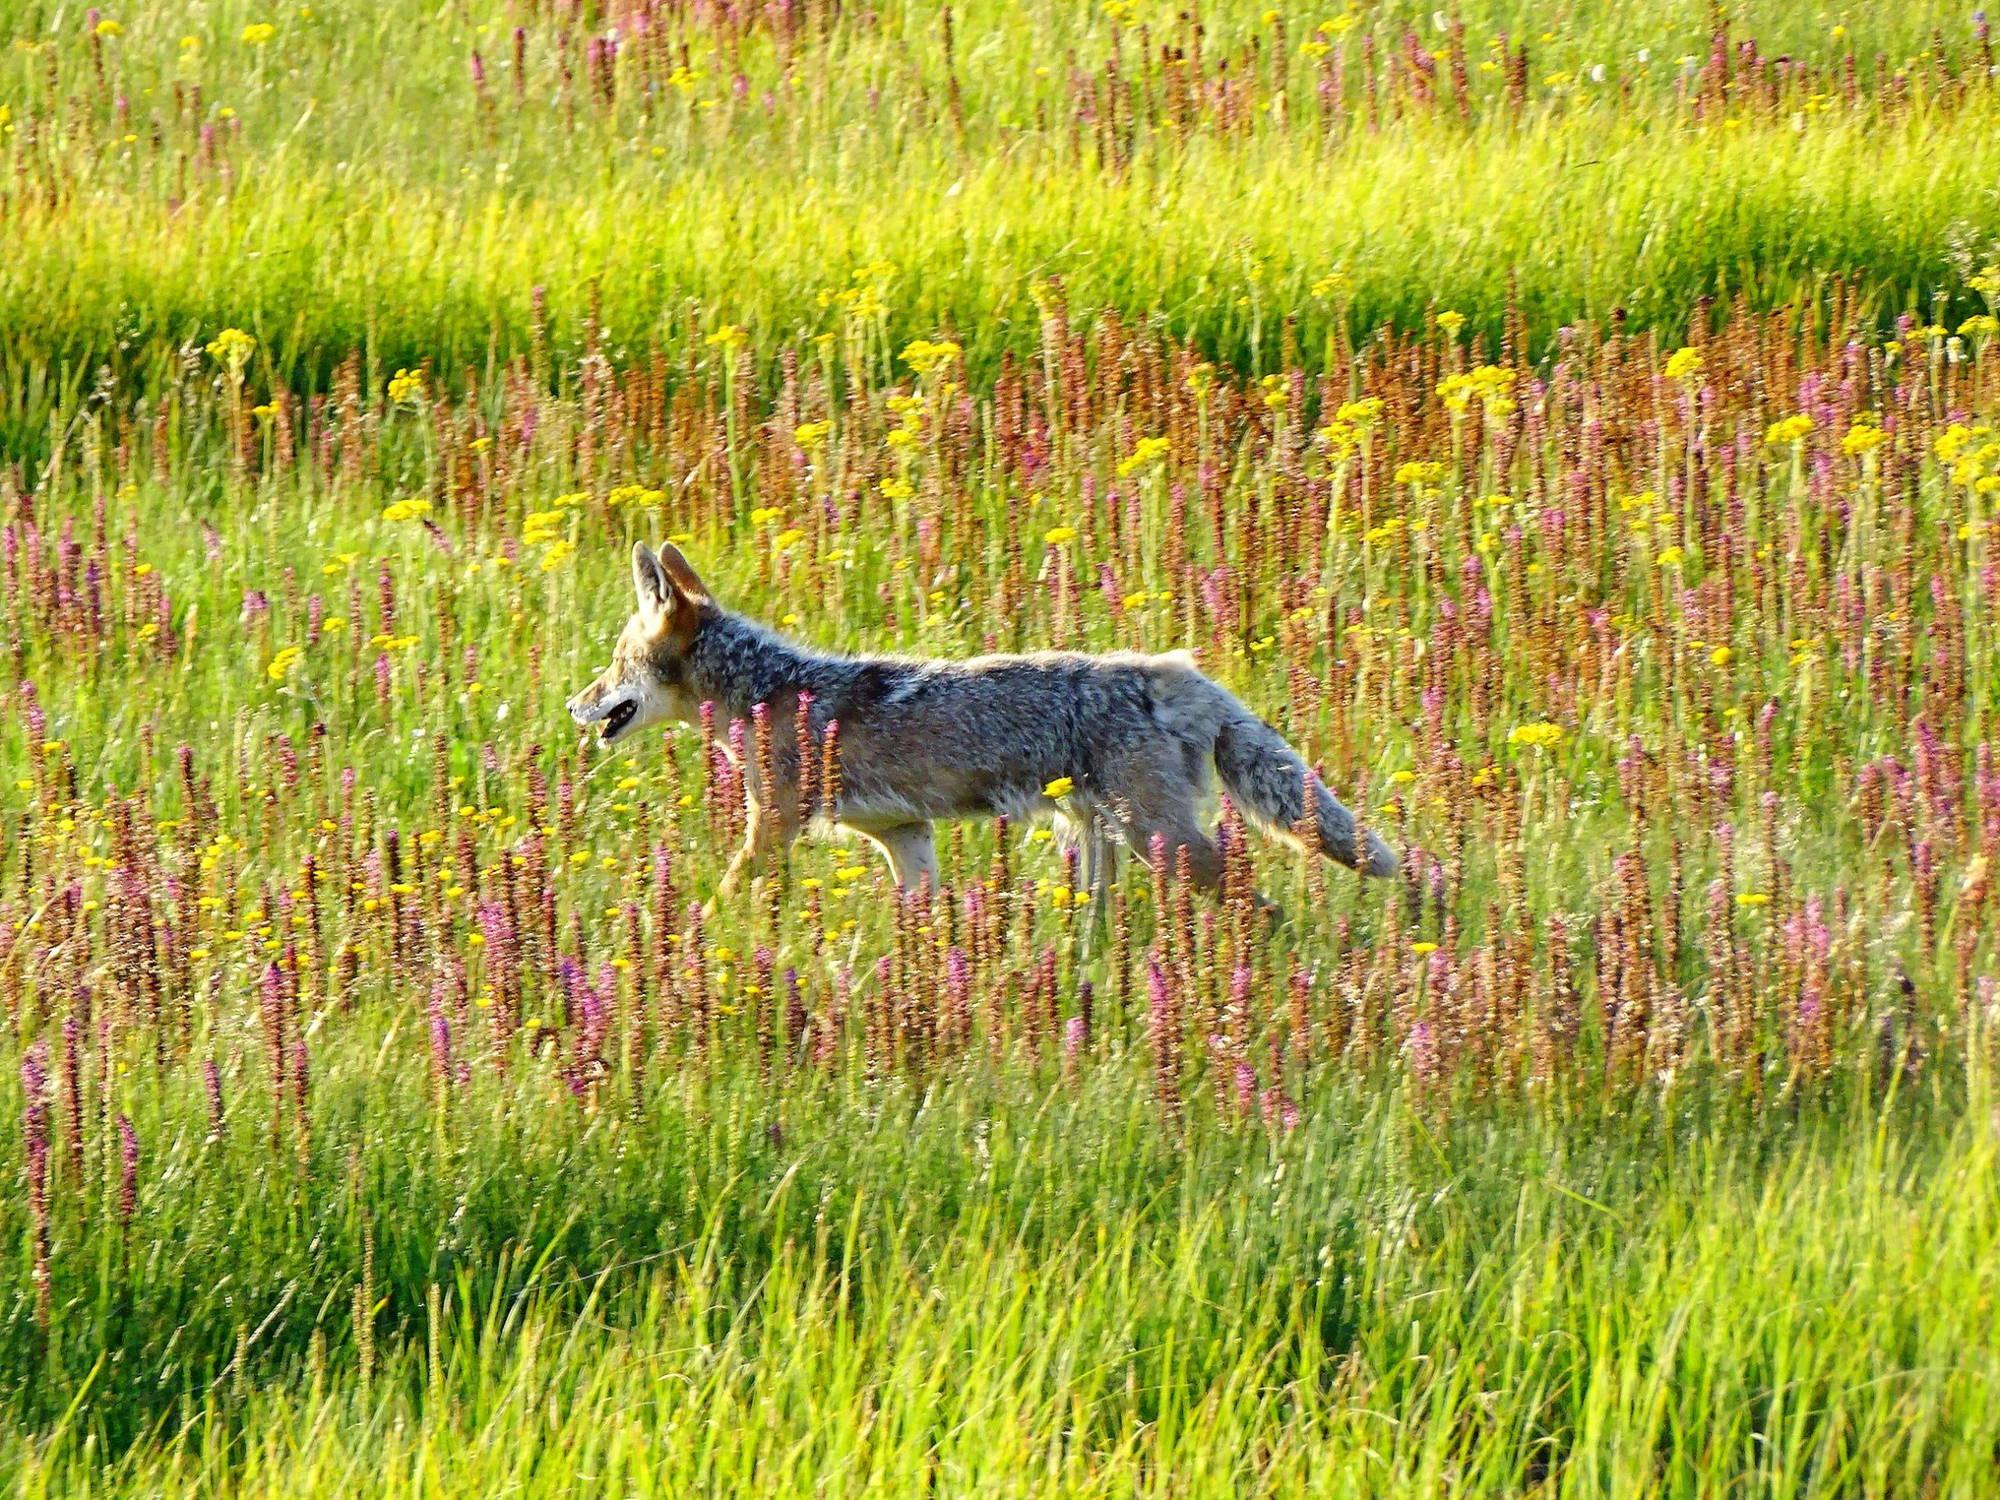 Fauna del Parque coyote 02 02